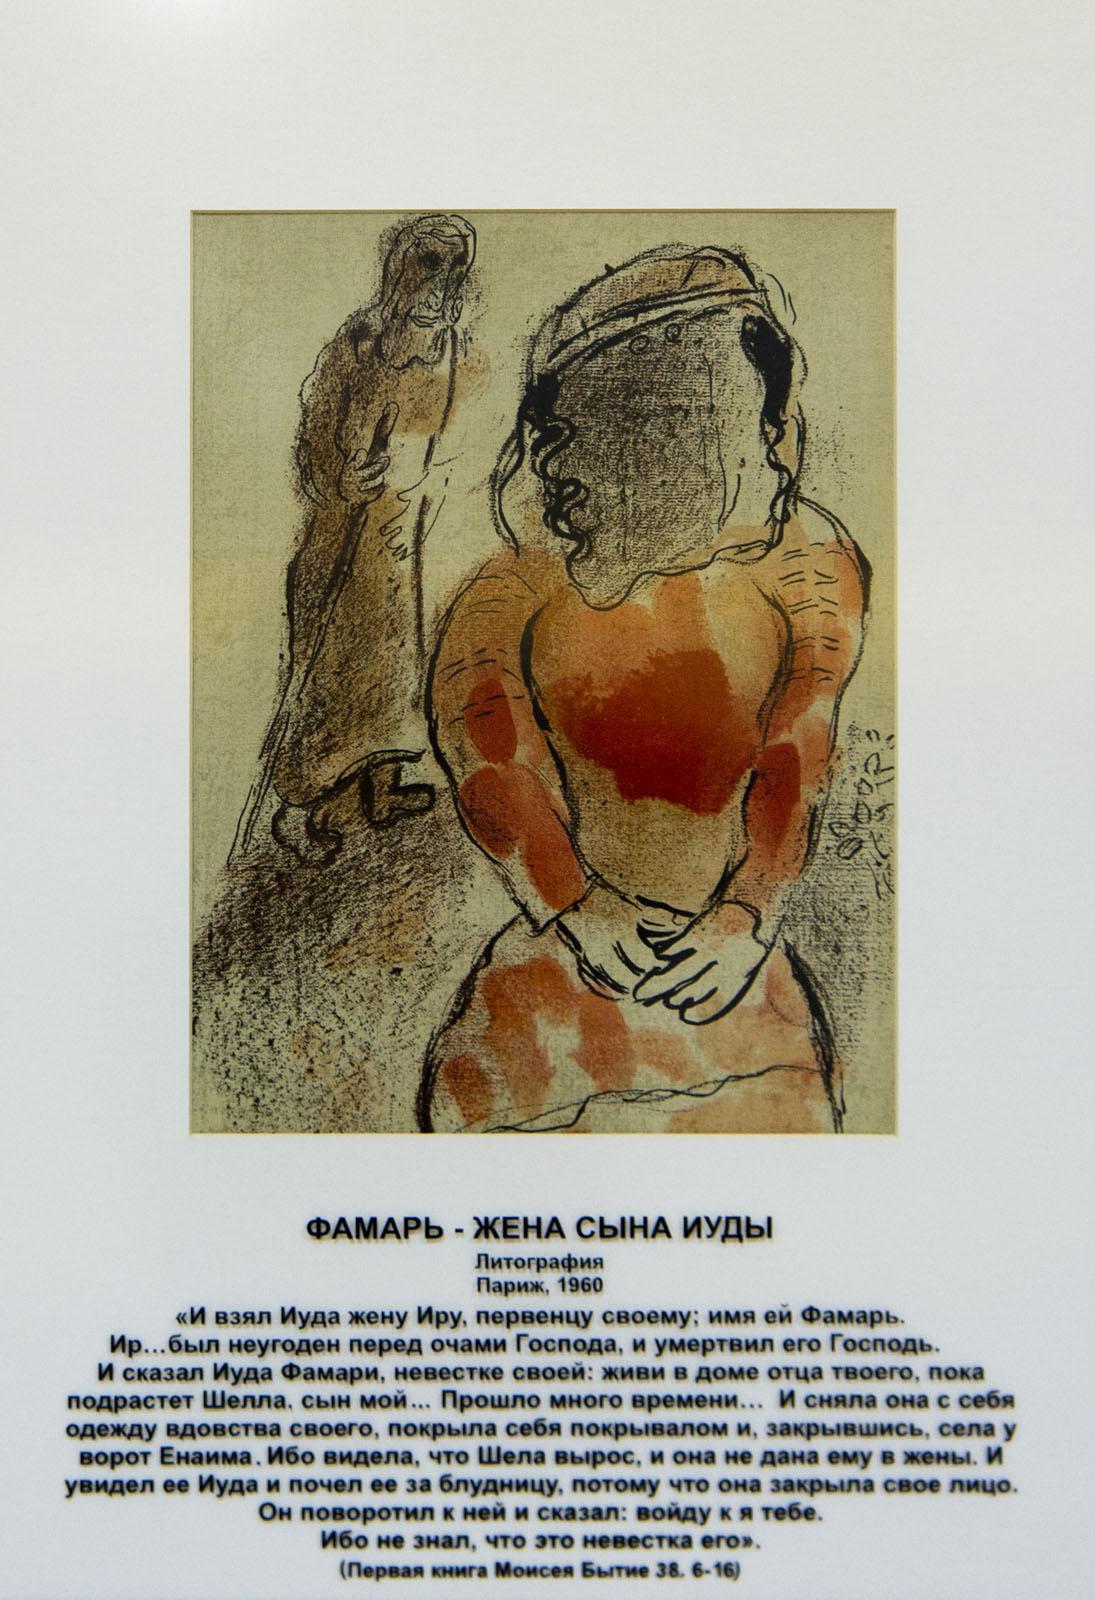 Фото №74386. «Фамарь - жена сына Иуды», Марк Шагал, литография, Париж, 1960